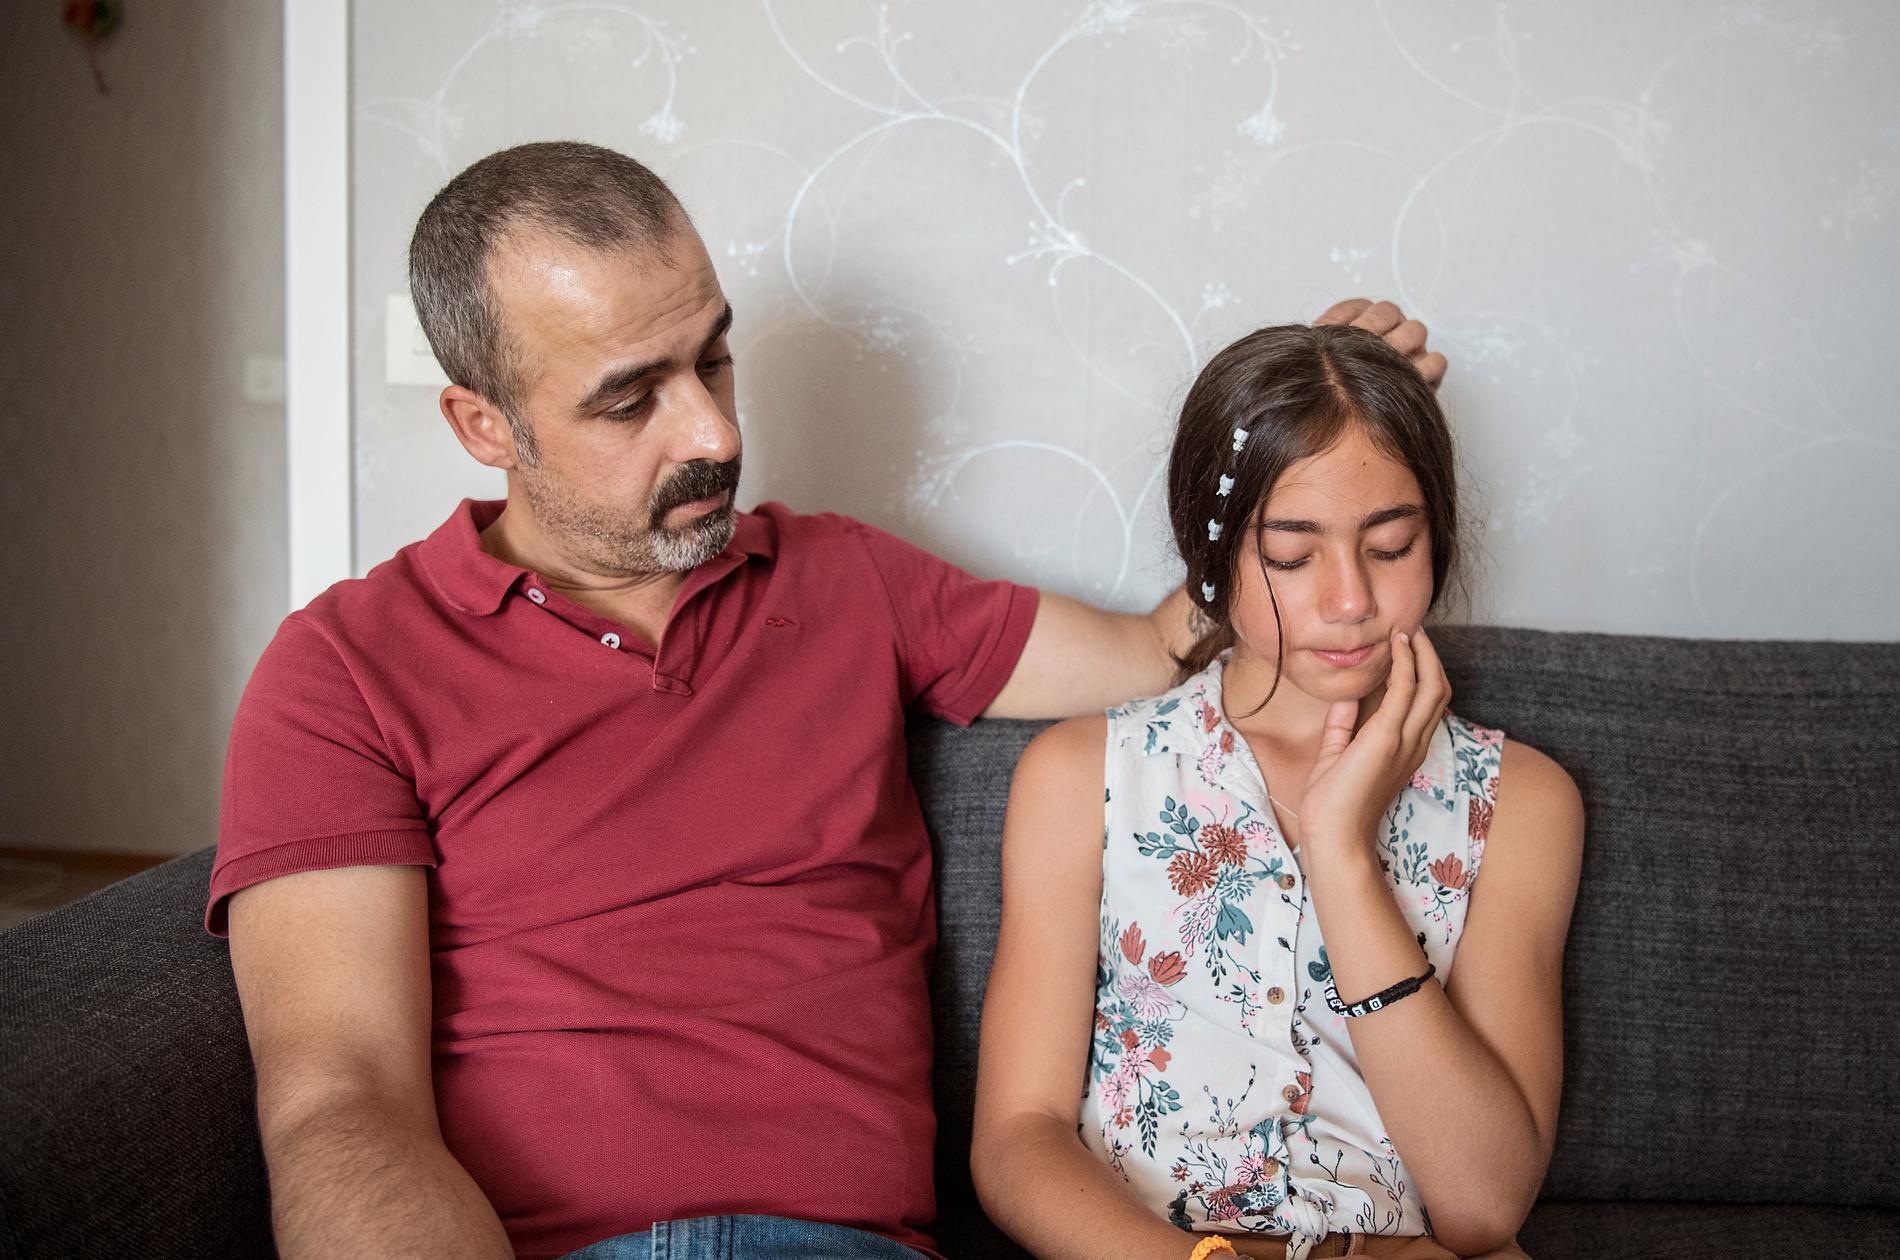 Familjen hoppas att Migrationsöverdomstolen ska ta upp fallet och göra en annan bedömning än Migrationsverket.